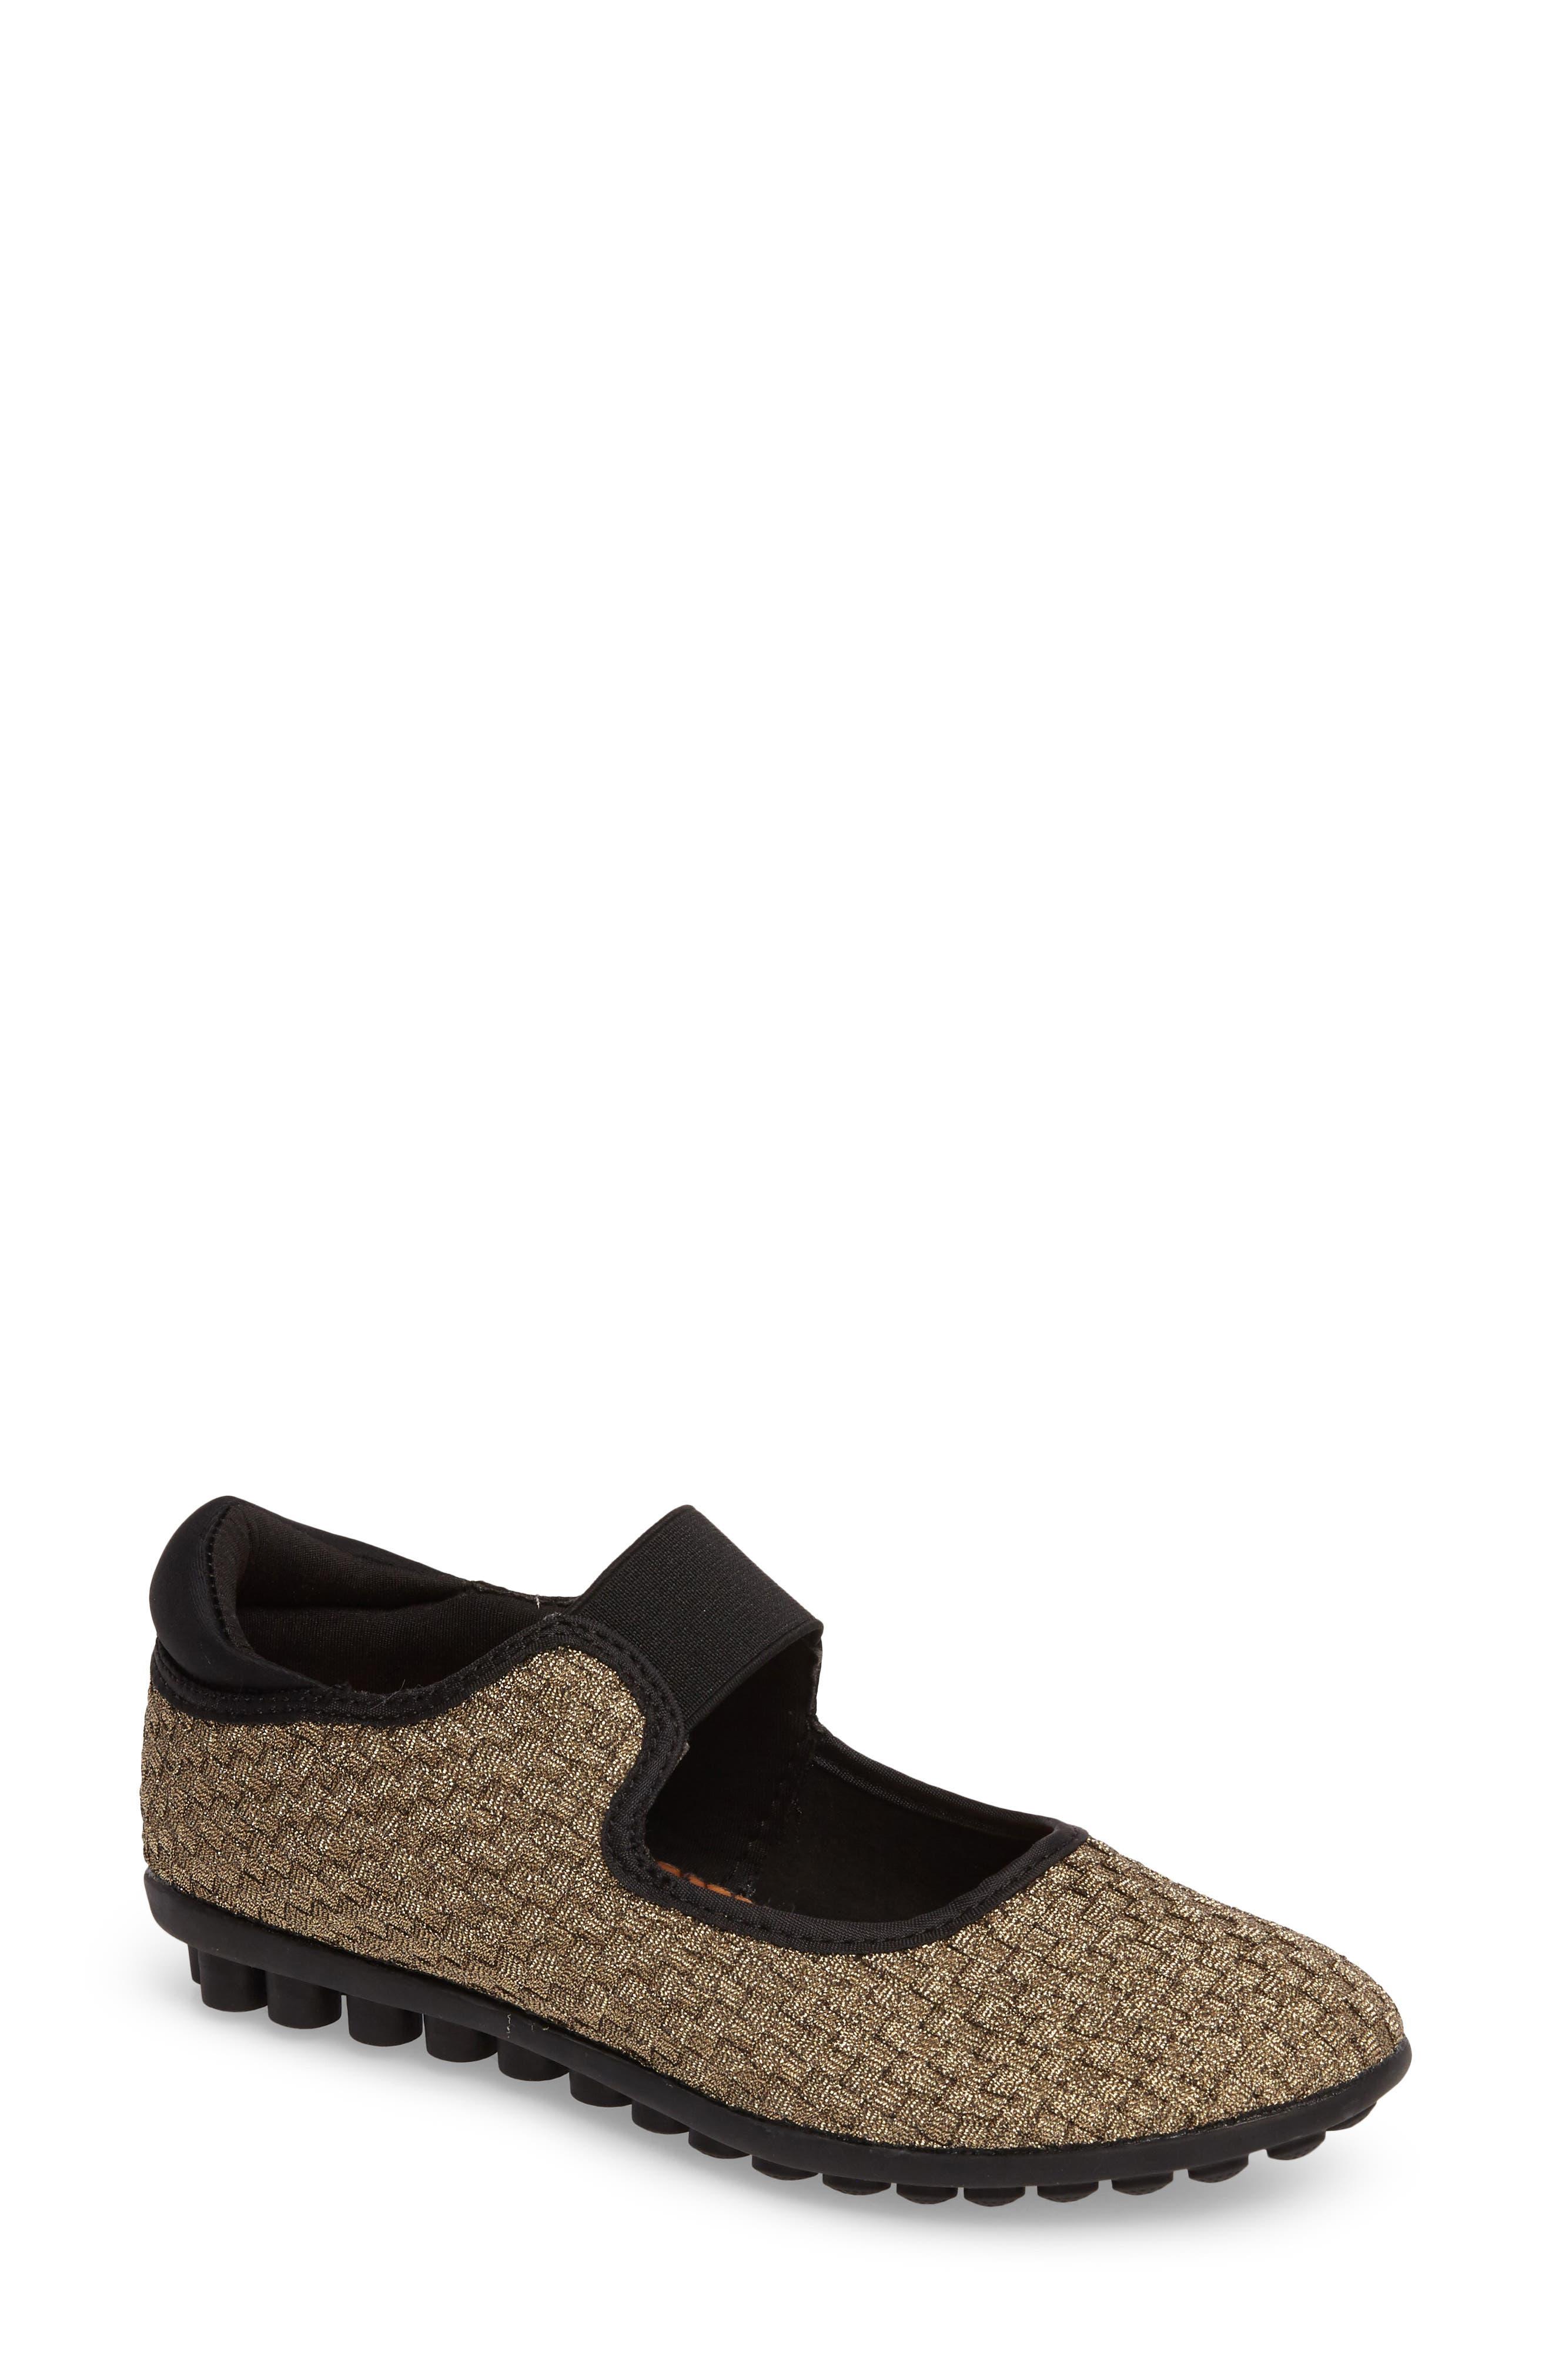 Bernie Mev Kendra Mary Jane Sneaker (Women)